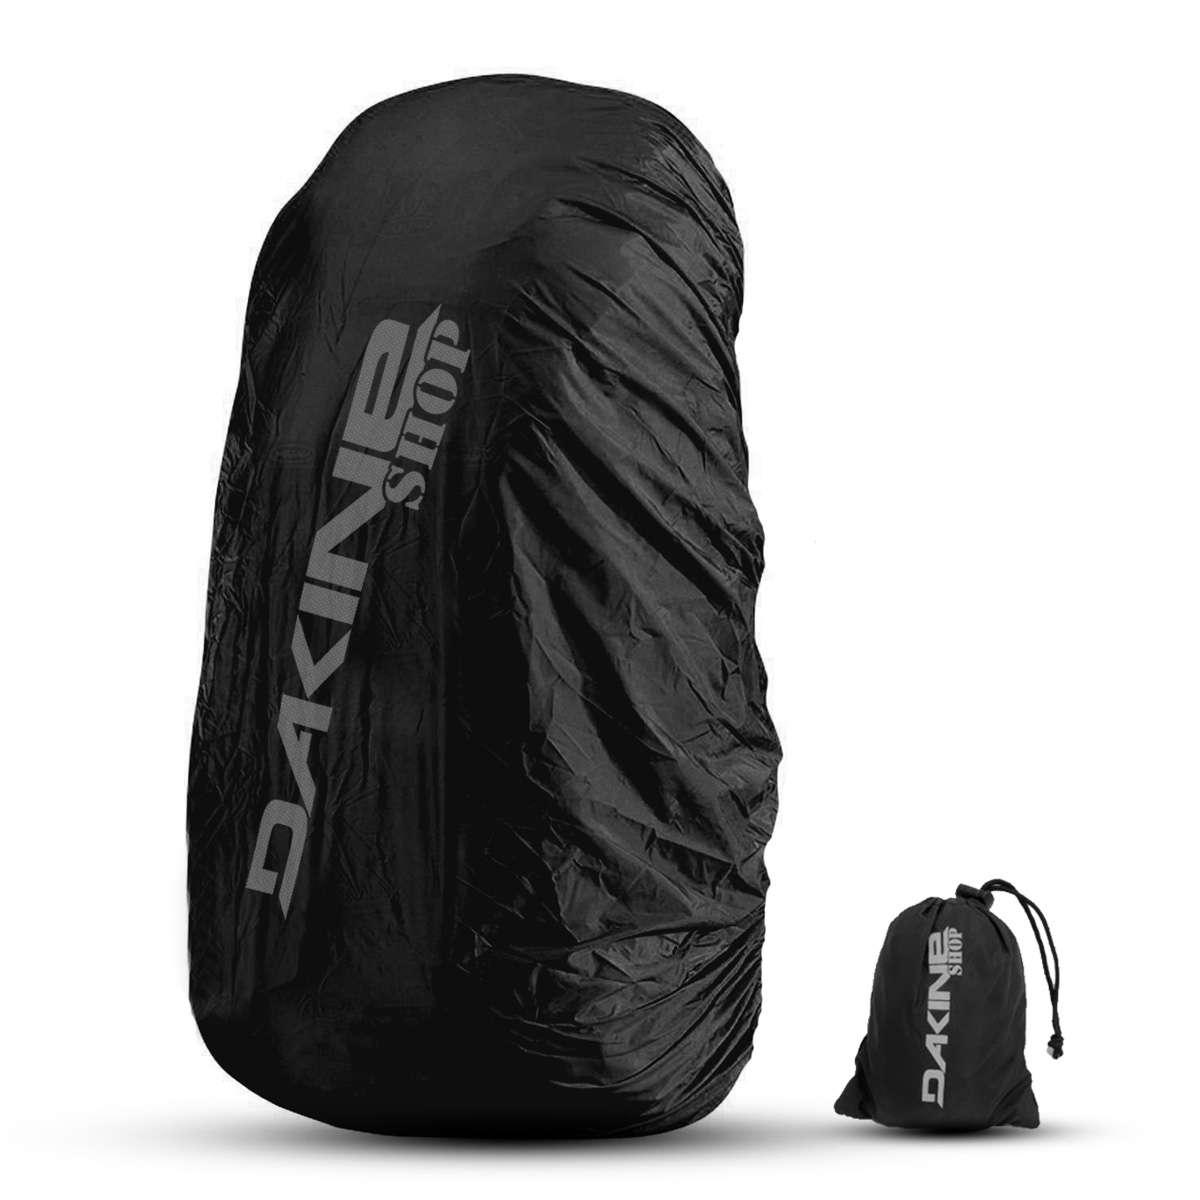 62444a41c0097 Dakine Shop Rain Cover Large Black